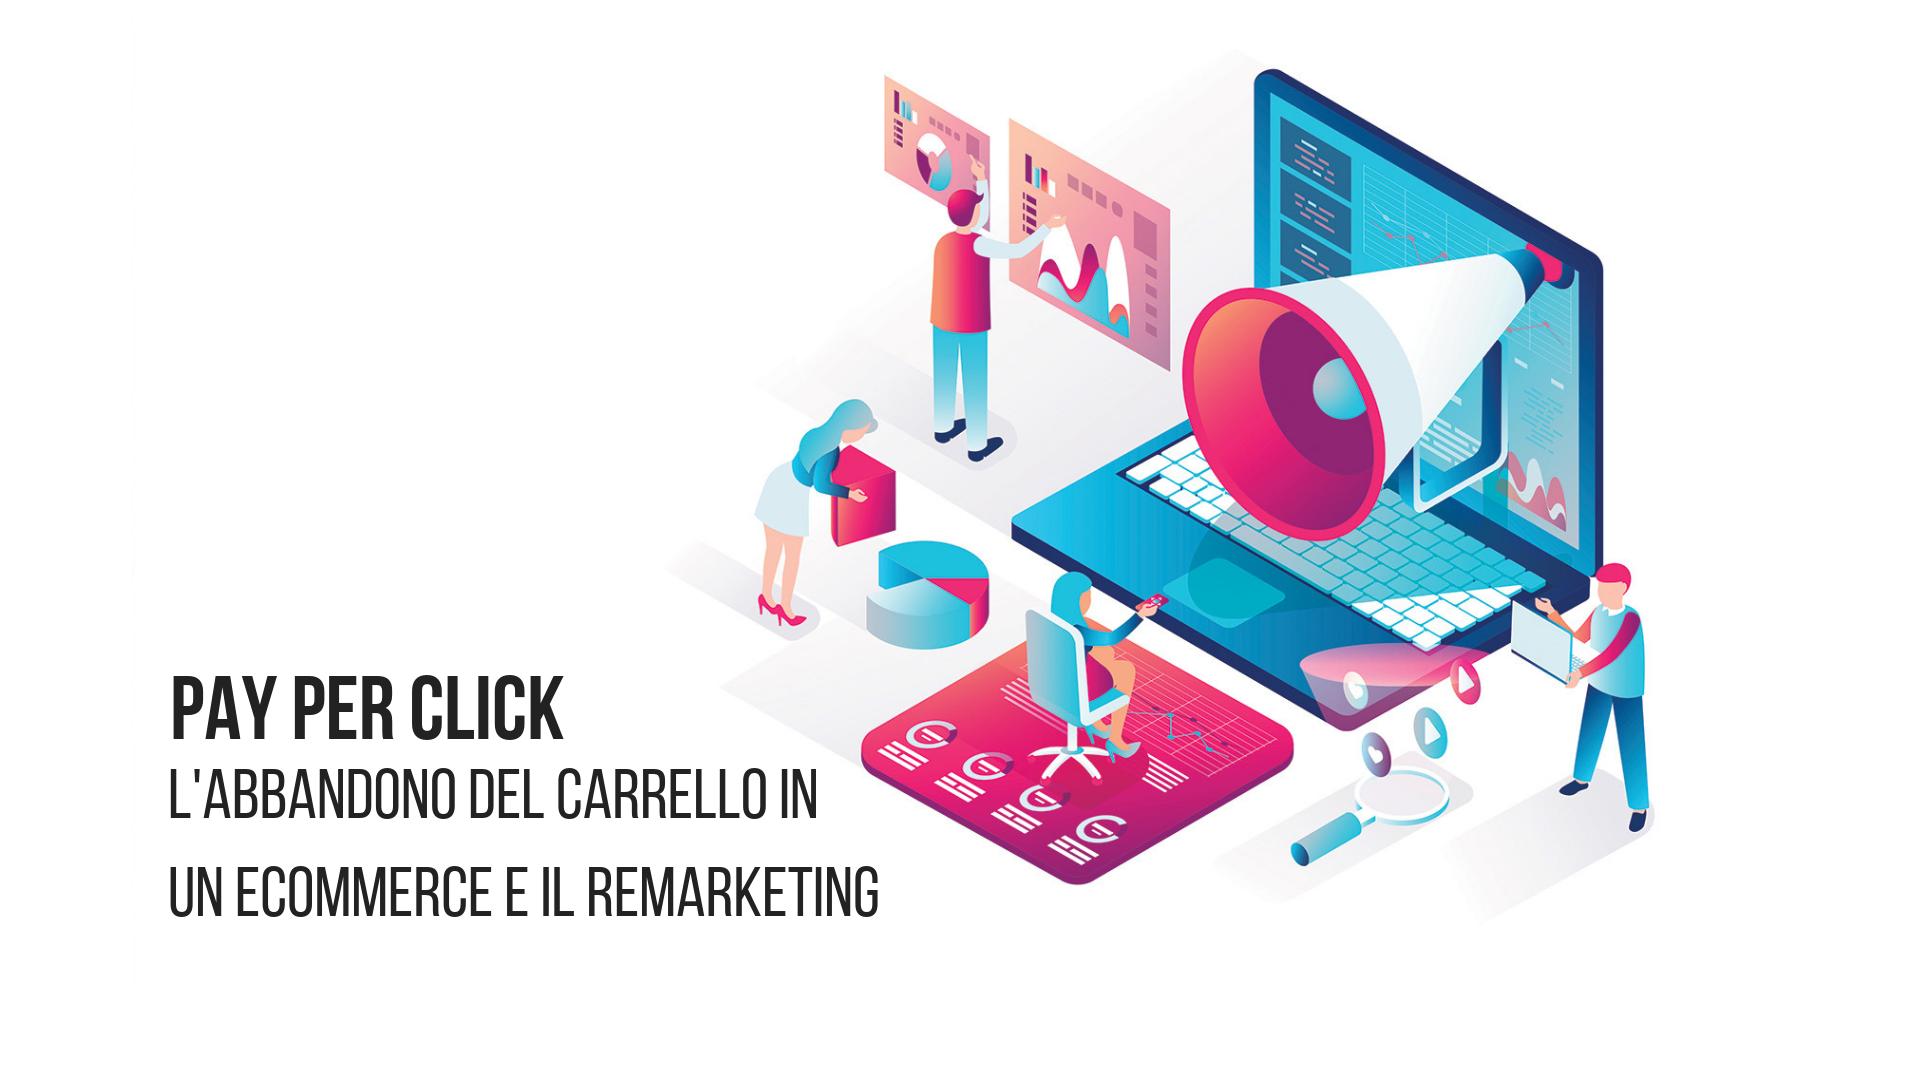 Loomen Studio - Web Agency - Pay-per-Click L'abbandono del carello di un eCommerce e il Remarketing